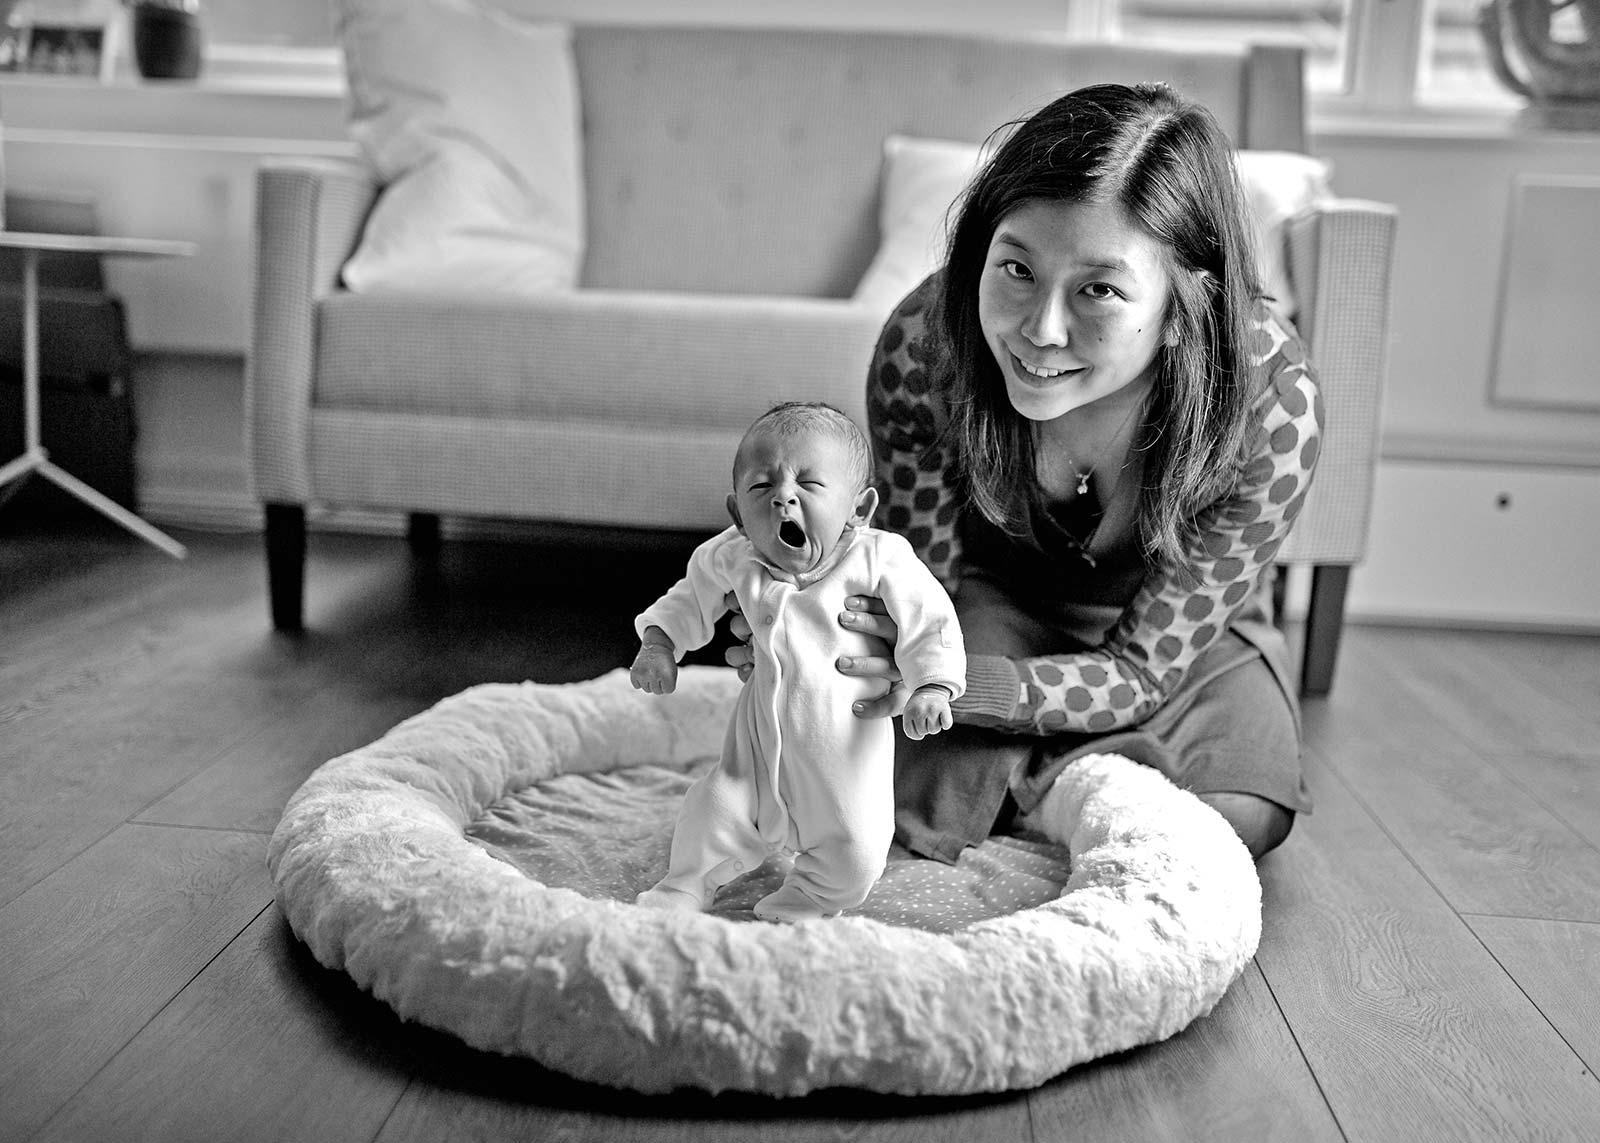 Clara-Patricot-2-Weeks-old-7.jpg